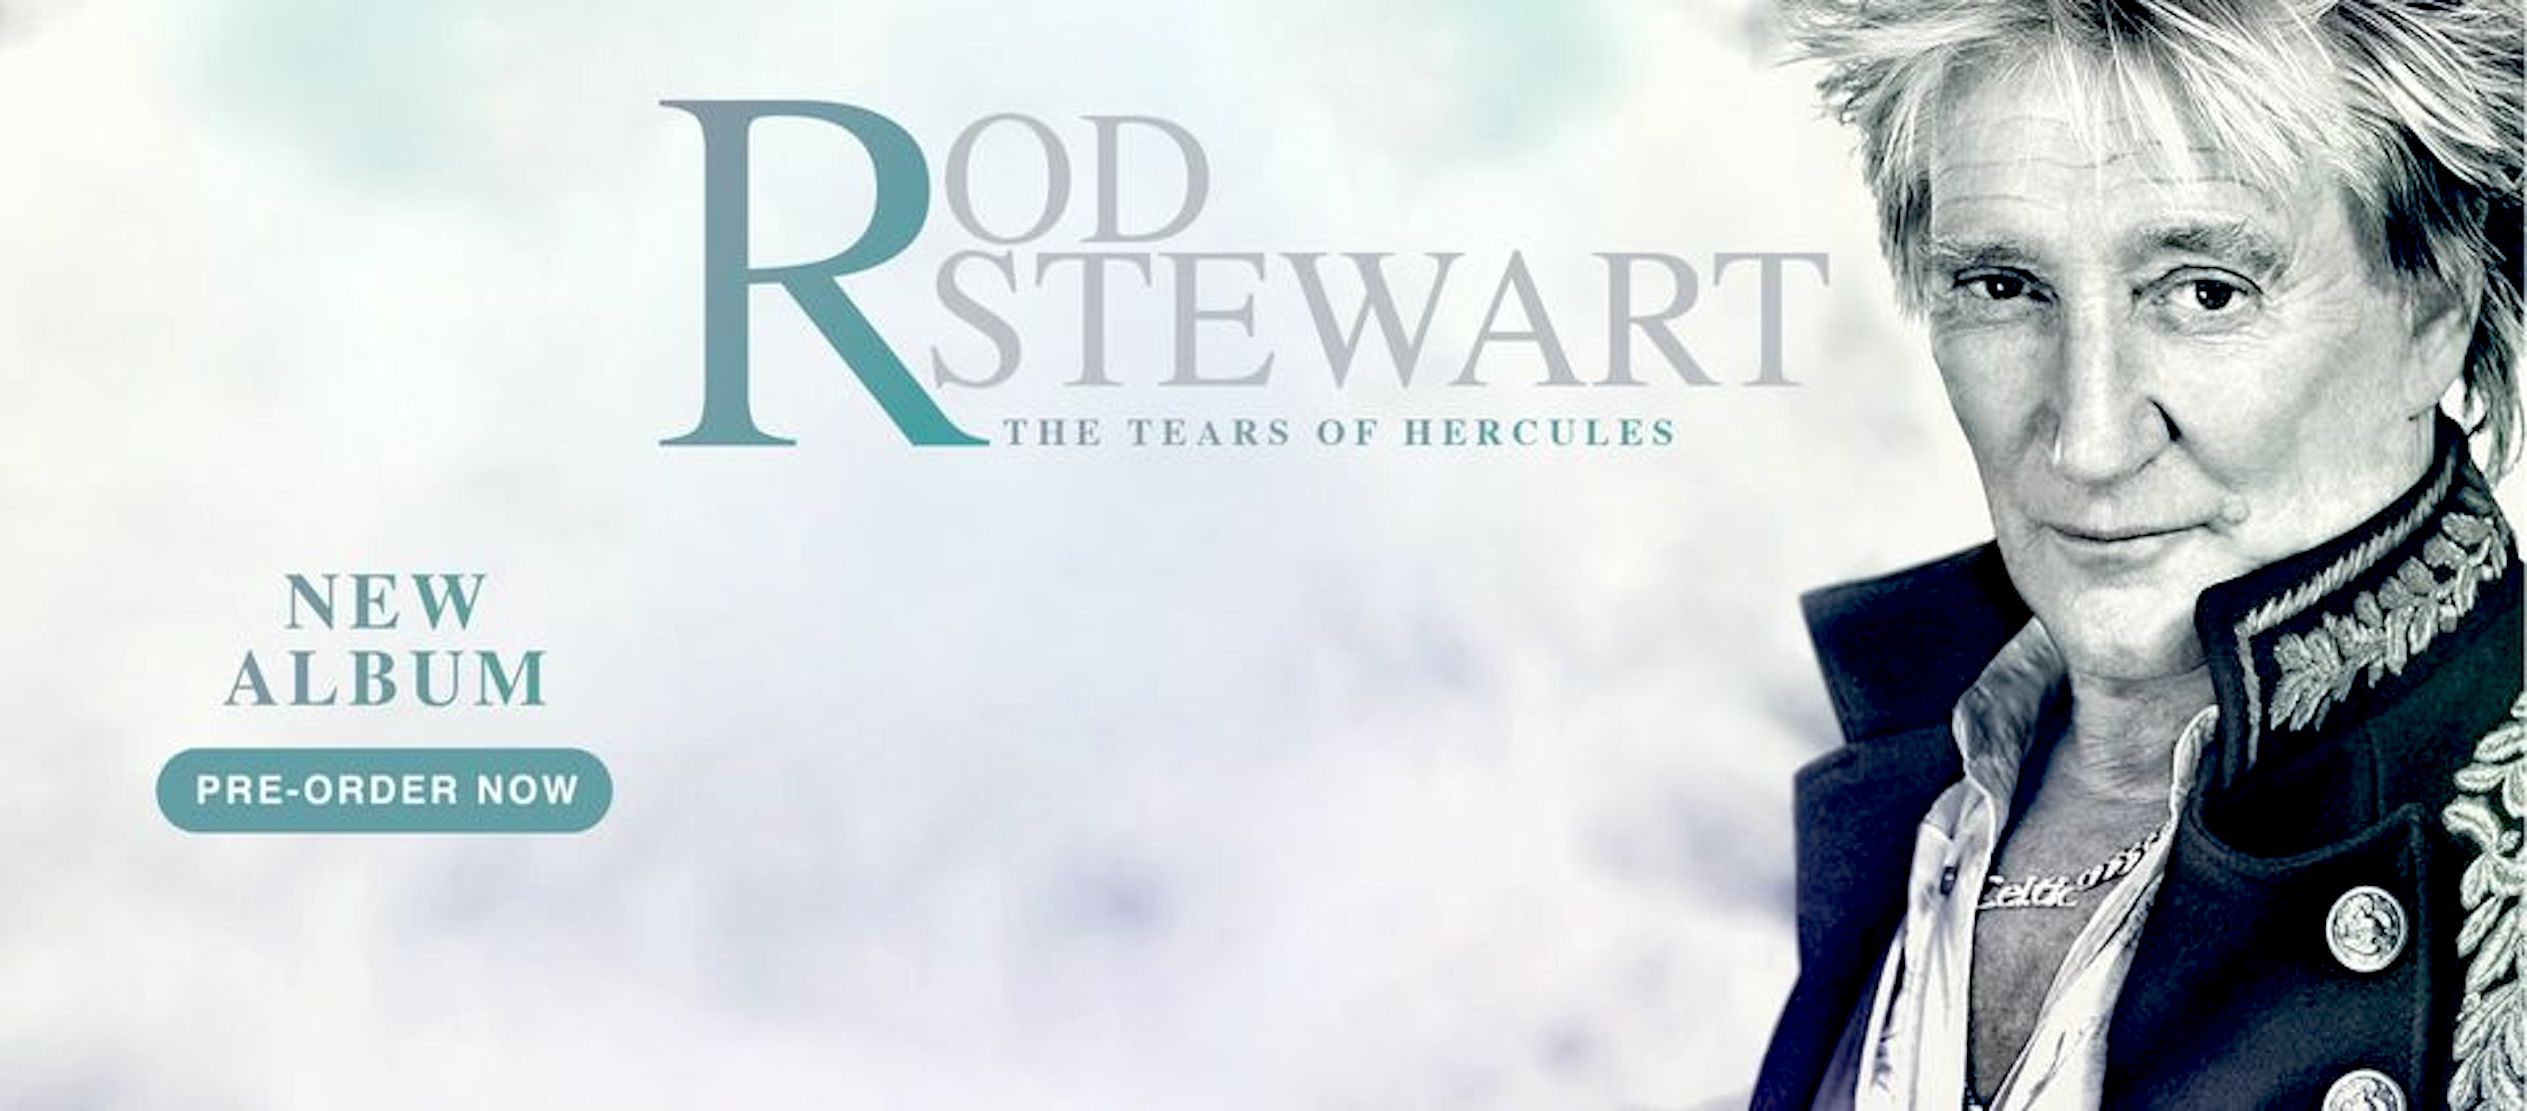 Ροντ Στιούαρτ Rod Stewart